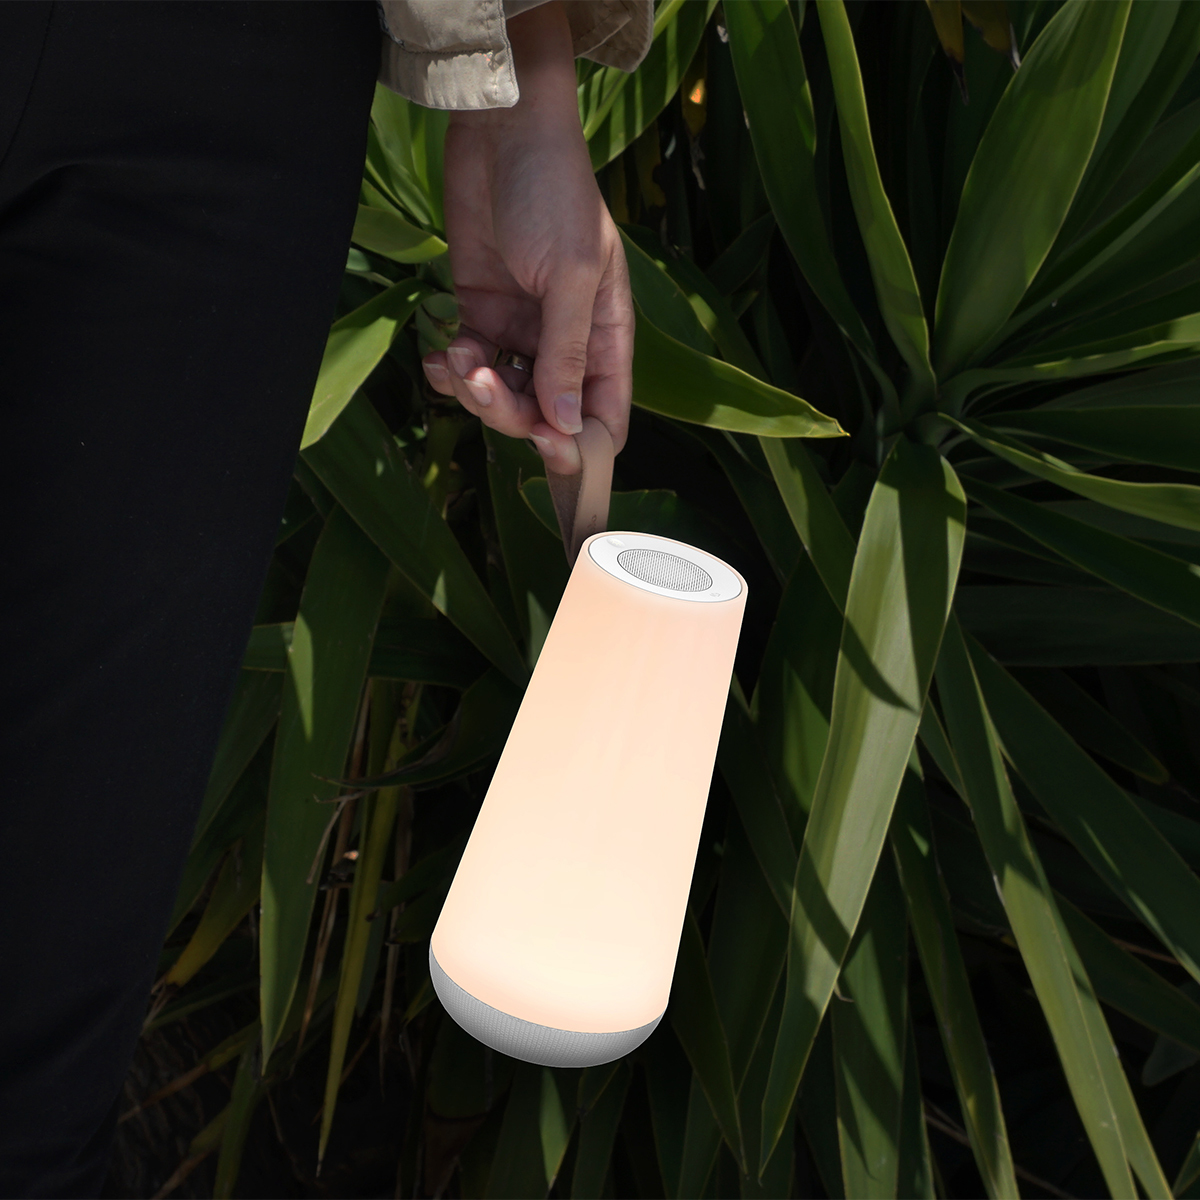 親しい人と寄り添いたくなる「Hi-Fiスピーカー」|最高品質の「音」と「光」で空間を創る